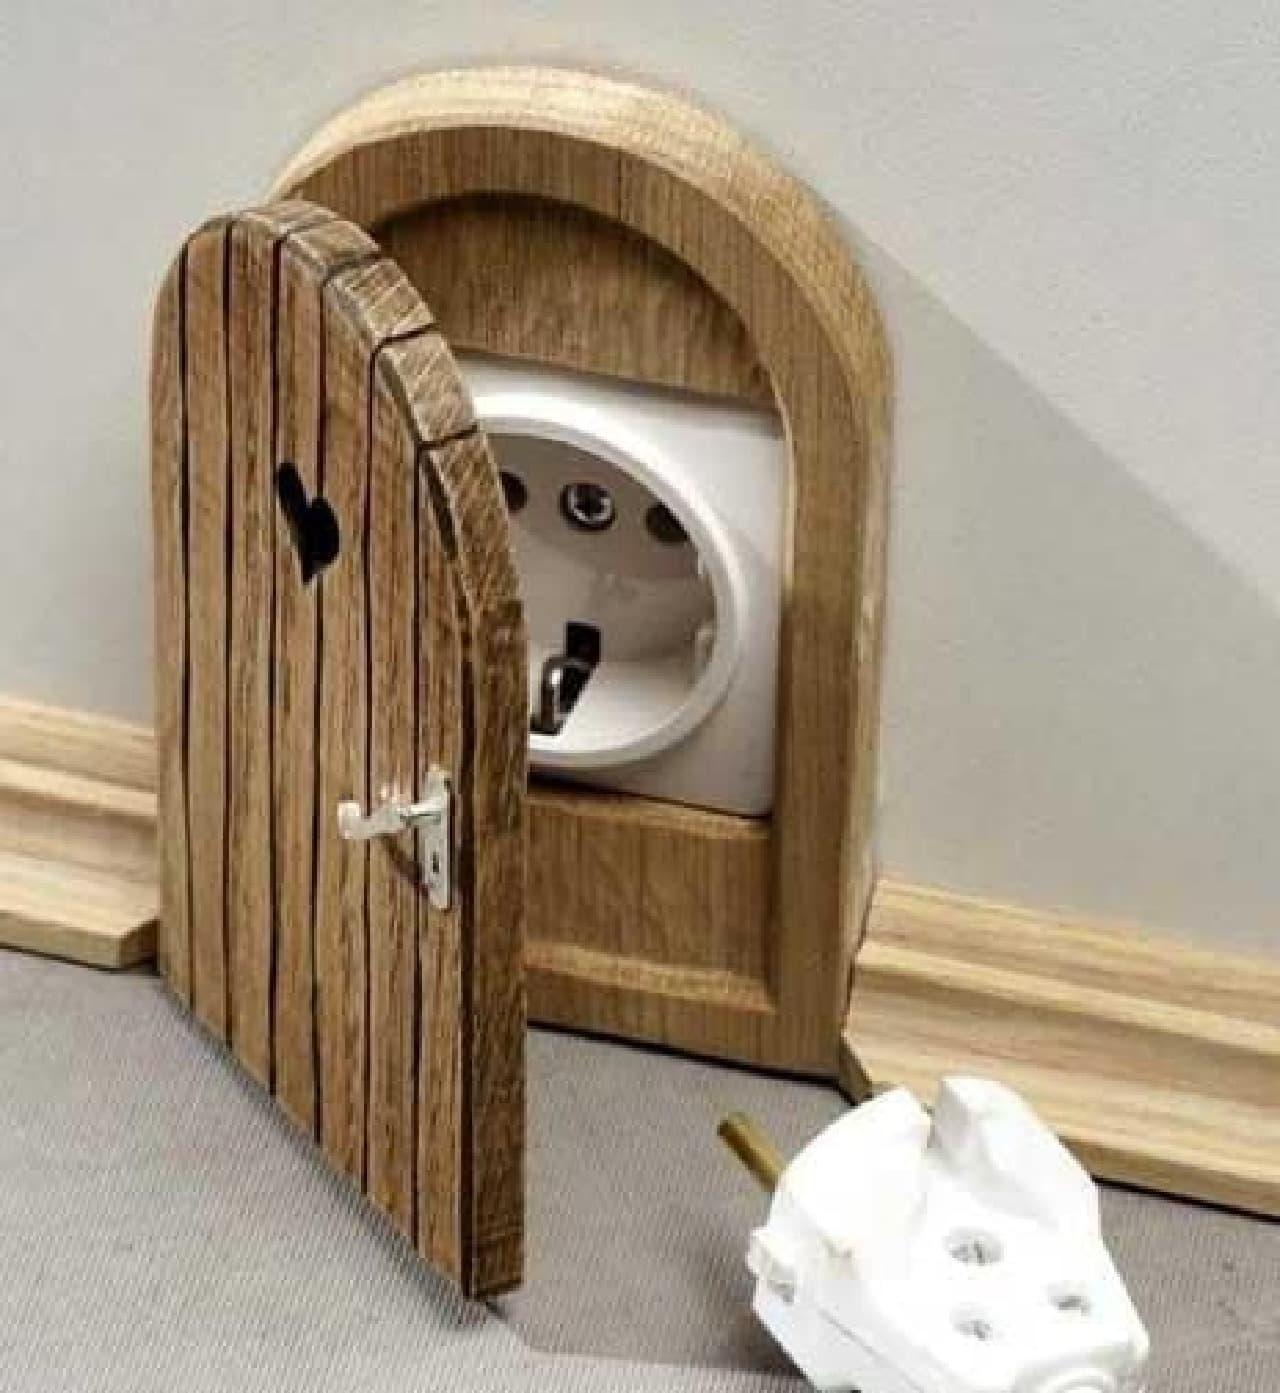 ロシアのデザイナー Rytis Zaveckas さんが制作した「rosettes door」